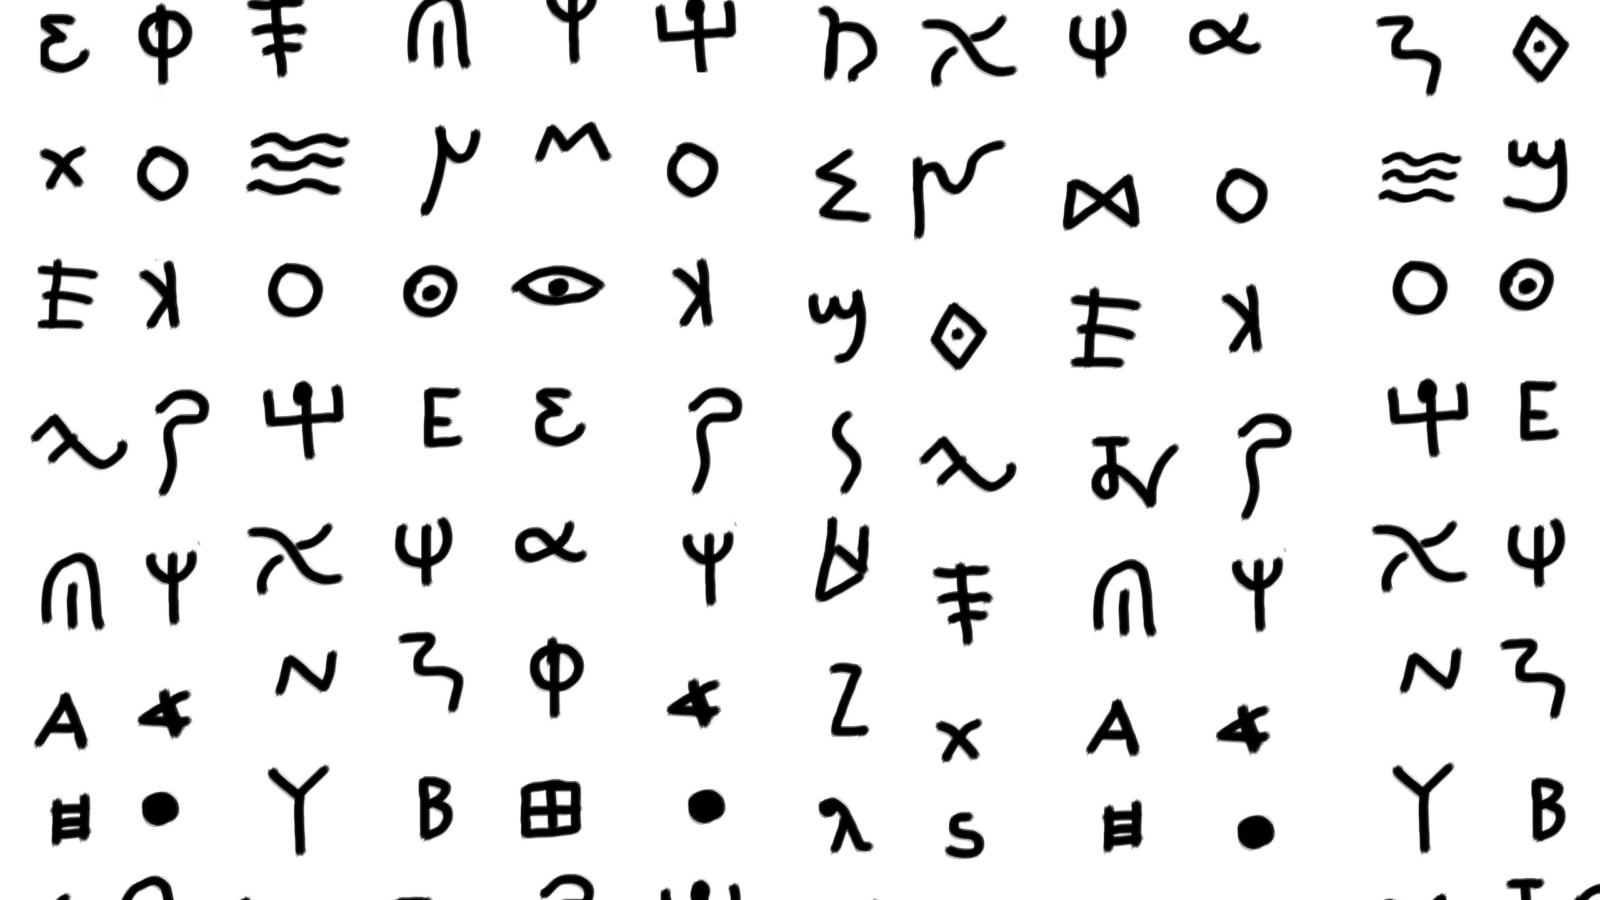 alfabeti-WV